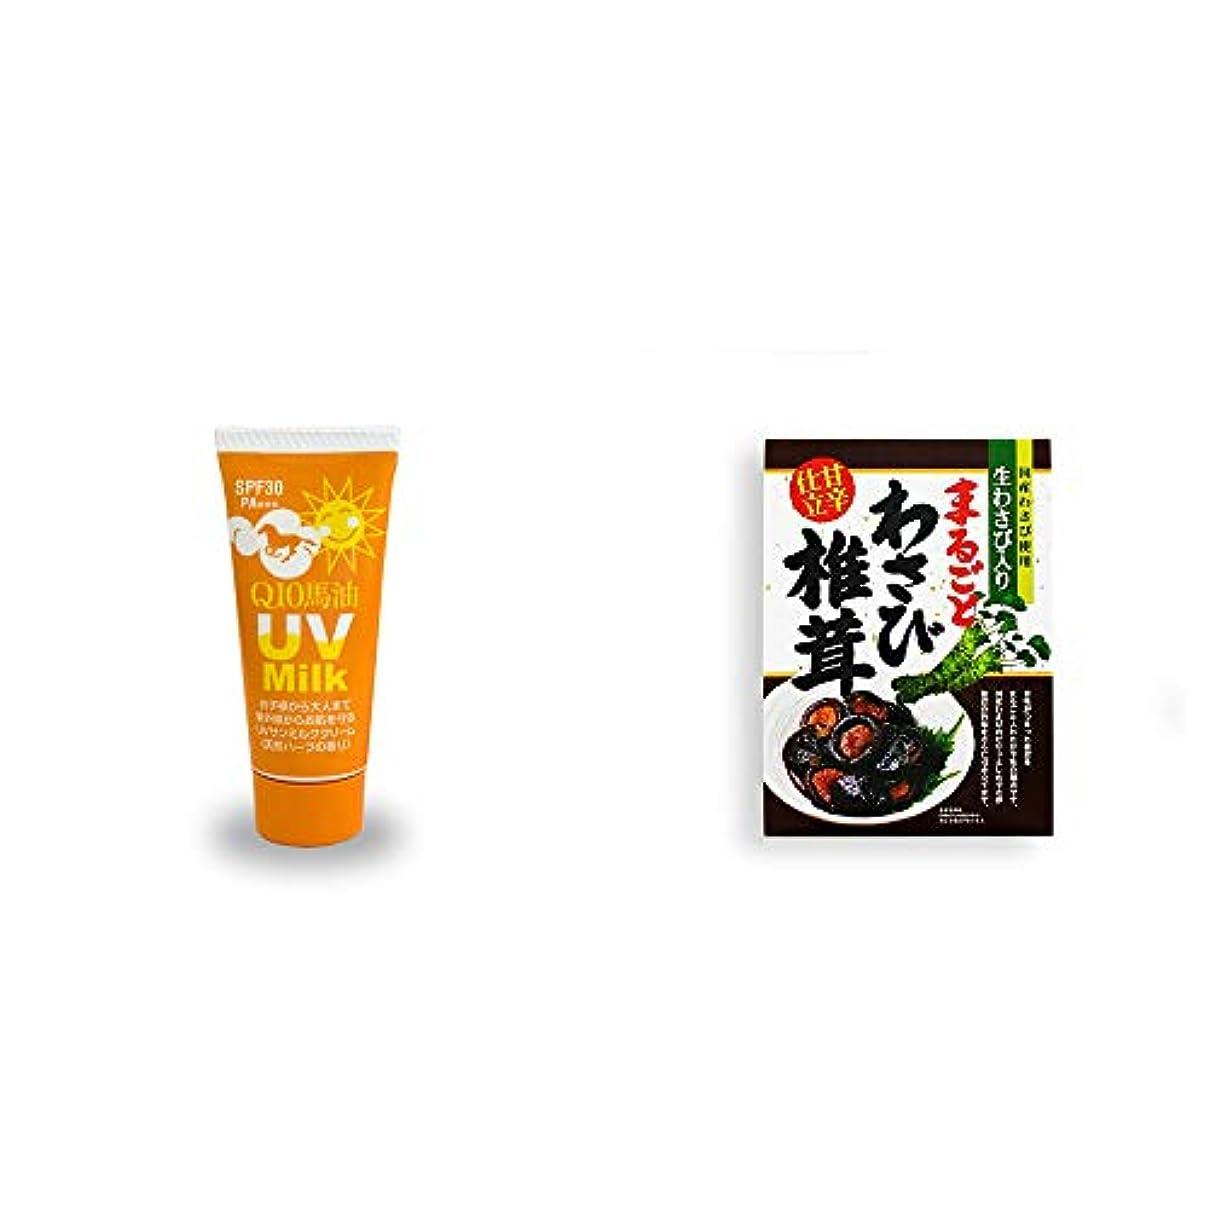 [2点セット] 炭黒泉 Q10馬油 UVサンミルク[天然ハーブ](40g)?まるごとわさび椎茸(200g)